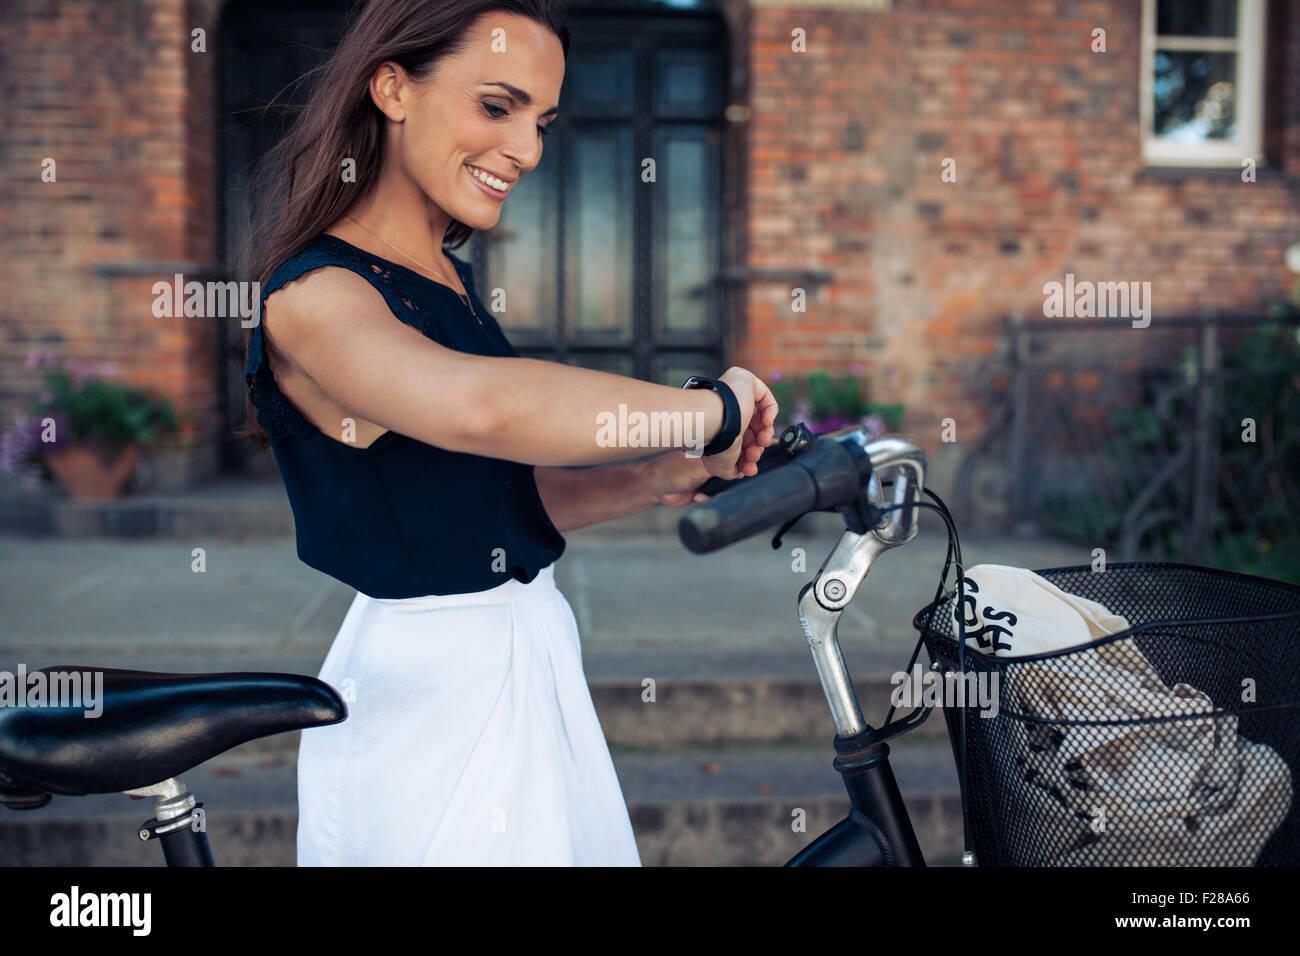 Mujer joven con una bicicleta comprobando la hora en su reloj de pulsera. Feliz mujer con bicicleta mirando a ver, Imagen De Stock